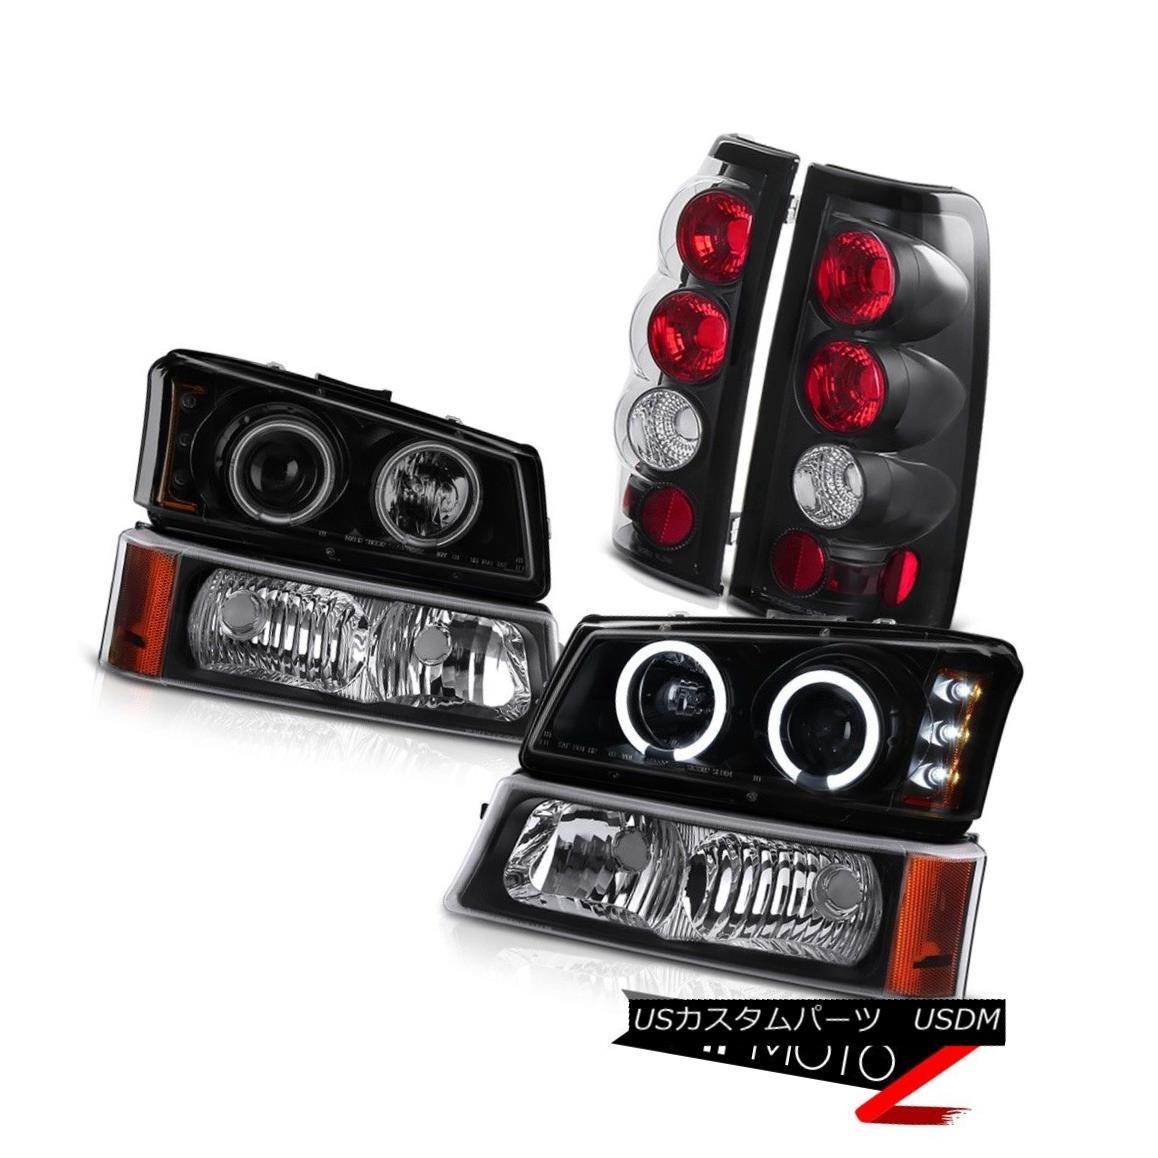 テールライト 03 04 05 06 Silverado 1500 Headlights w/CCFL Halo Signal Bumper Black Taillights 03 04 05 06 Silverado 1500ヘッドライト(CCFL付き)Halo Signal Bumper Black Tillights